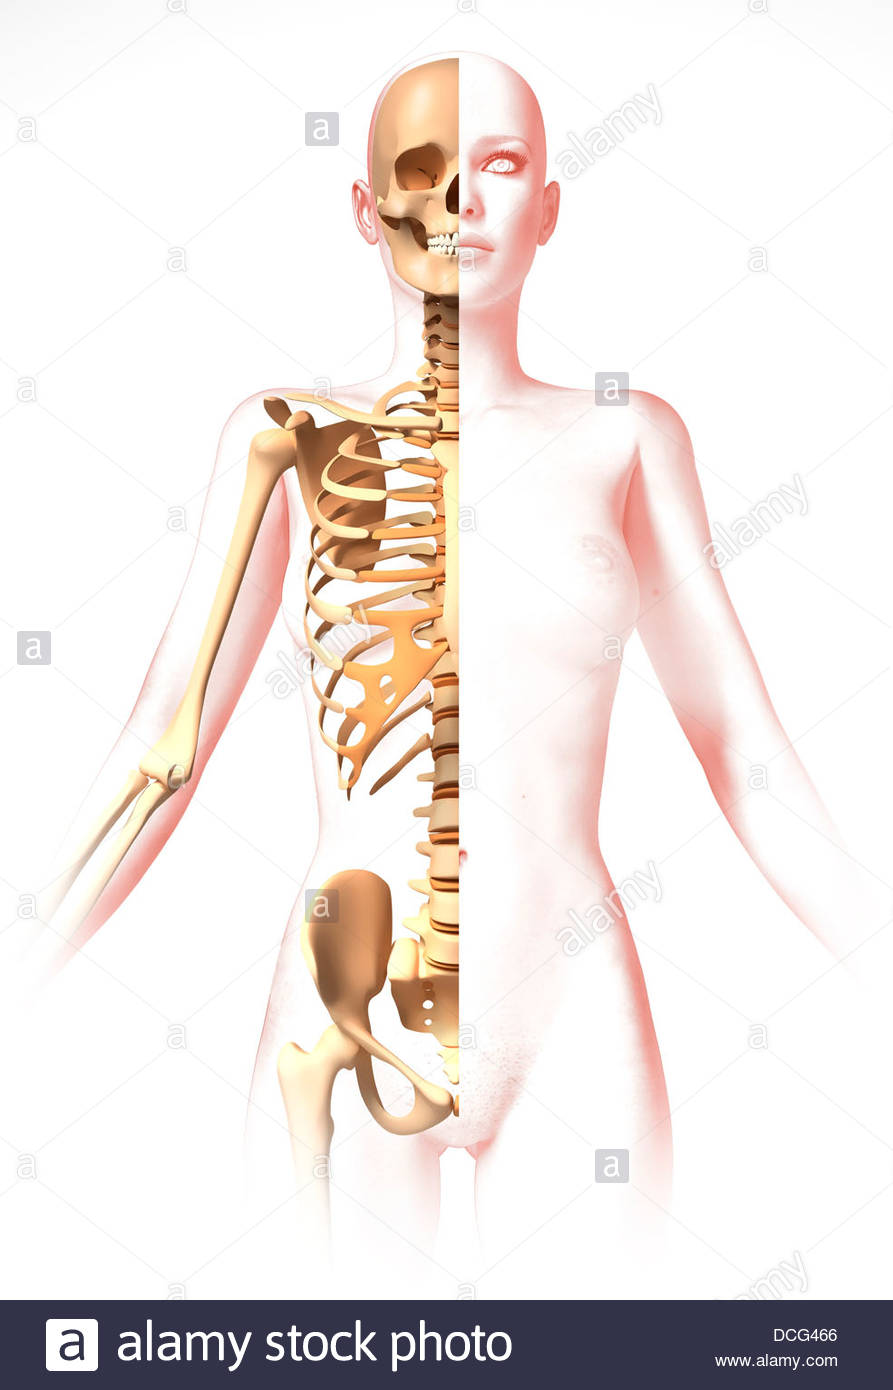 Anatomie des weiblichen Körpers mit Skelett, stilisierte Aussehen ...